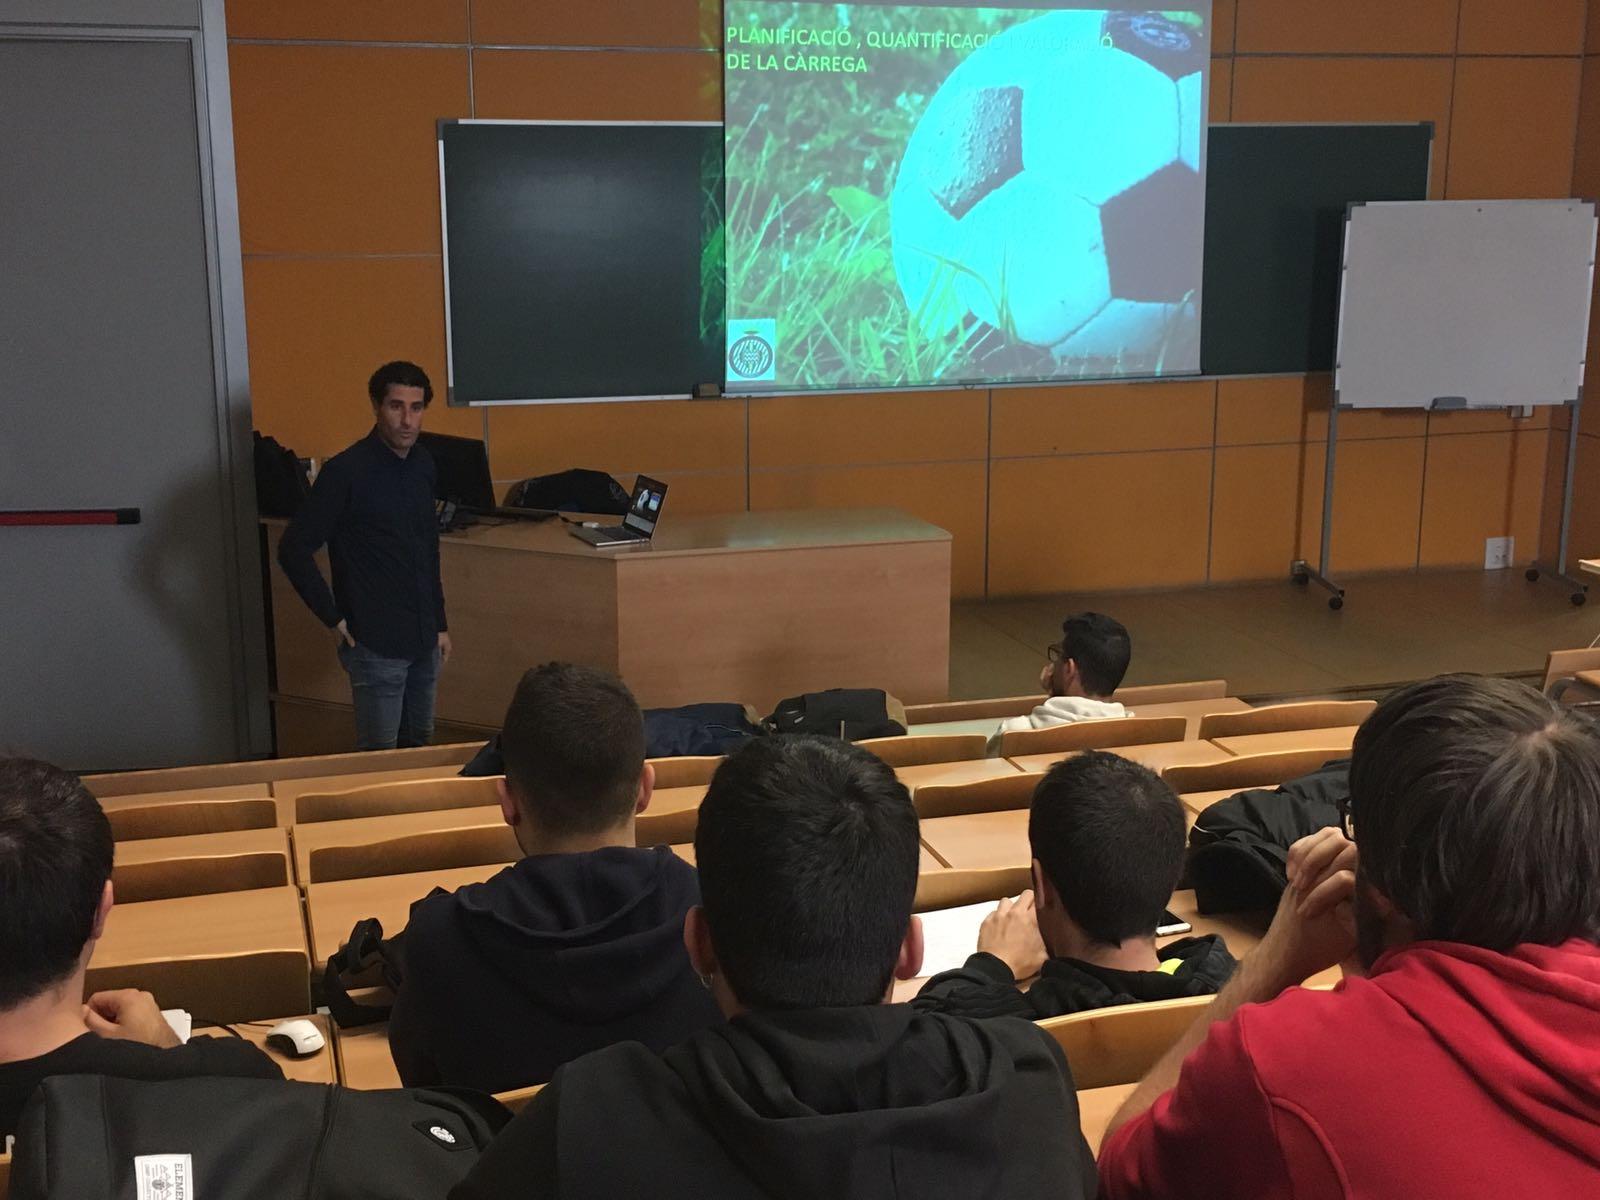 Ponència del preparador físic del Girona FC Jordi Balcells als alumnes de 3r del Grau en Ciències de l'Activitat Física i l'Esport d'EUSES